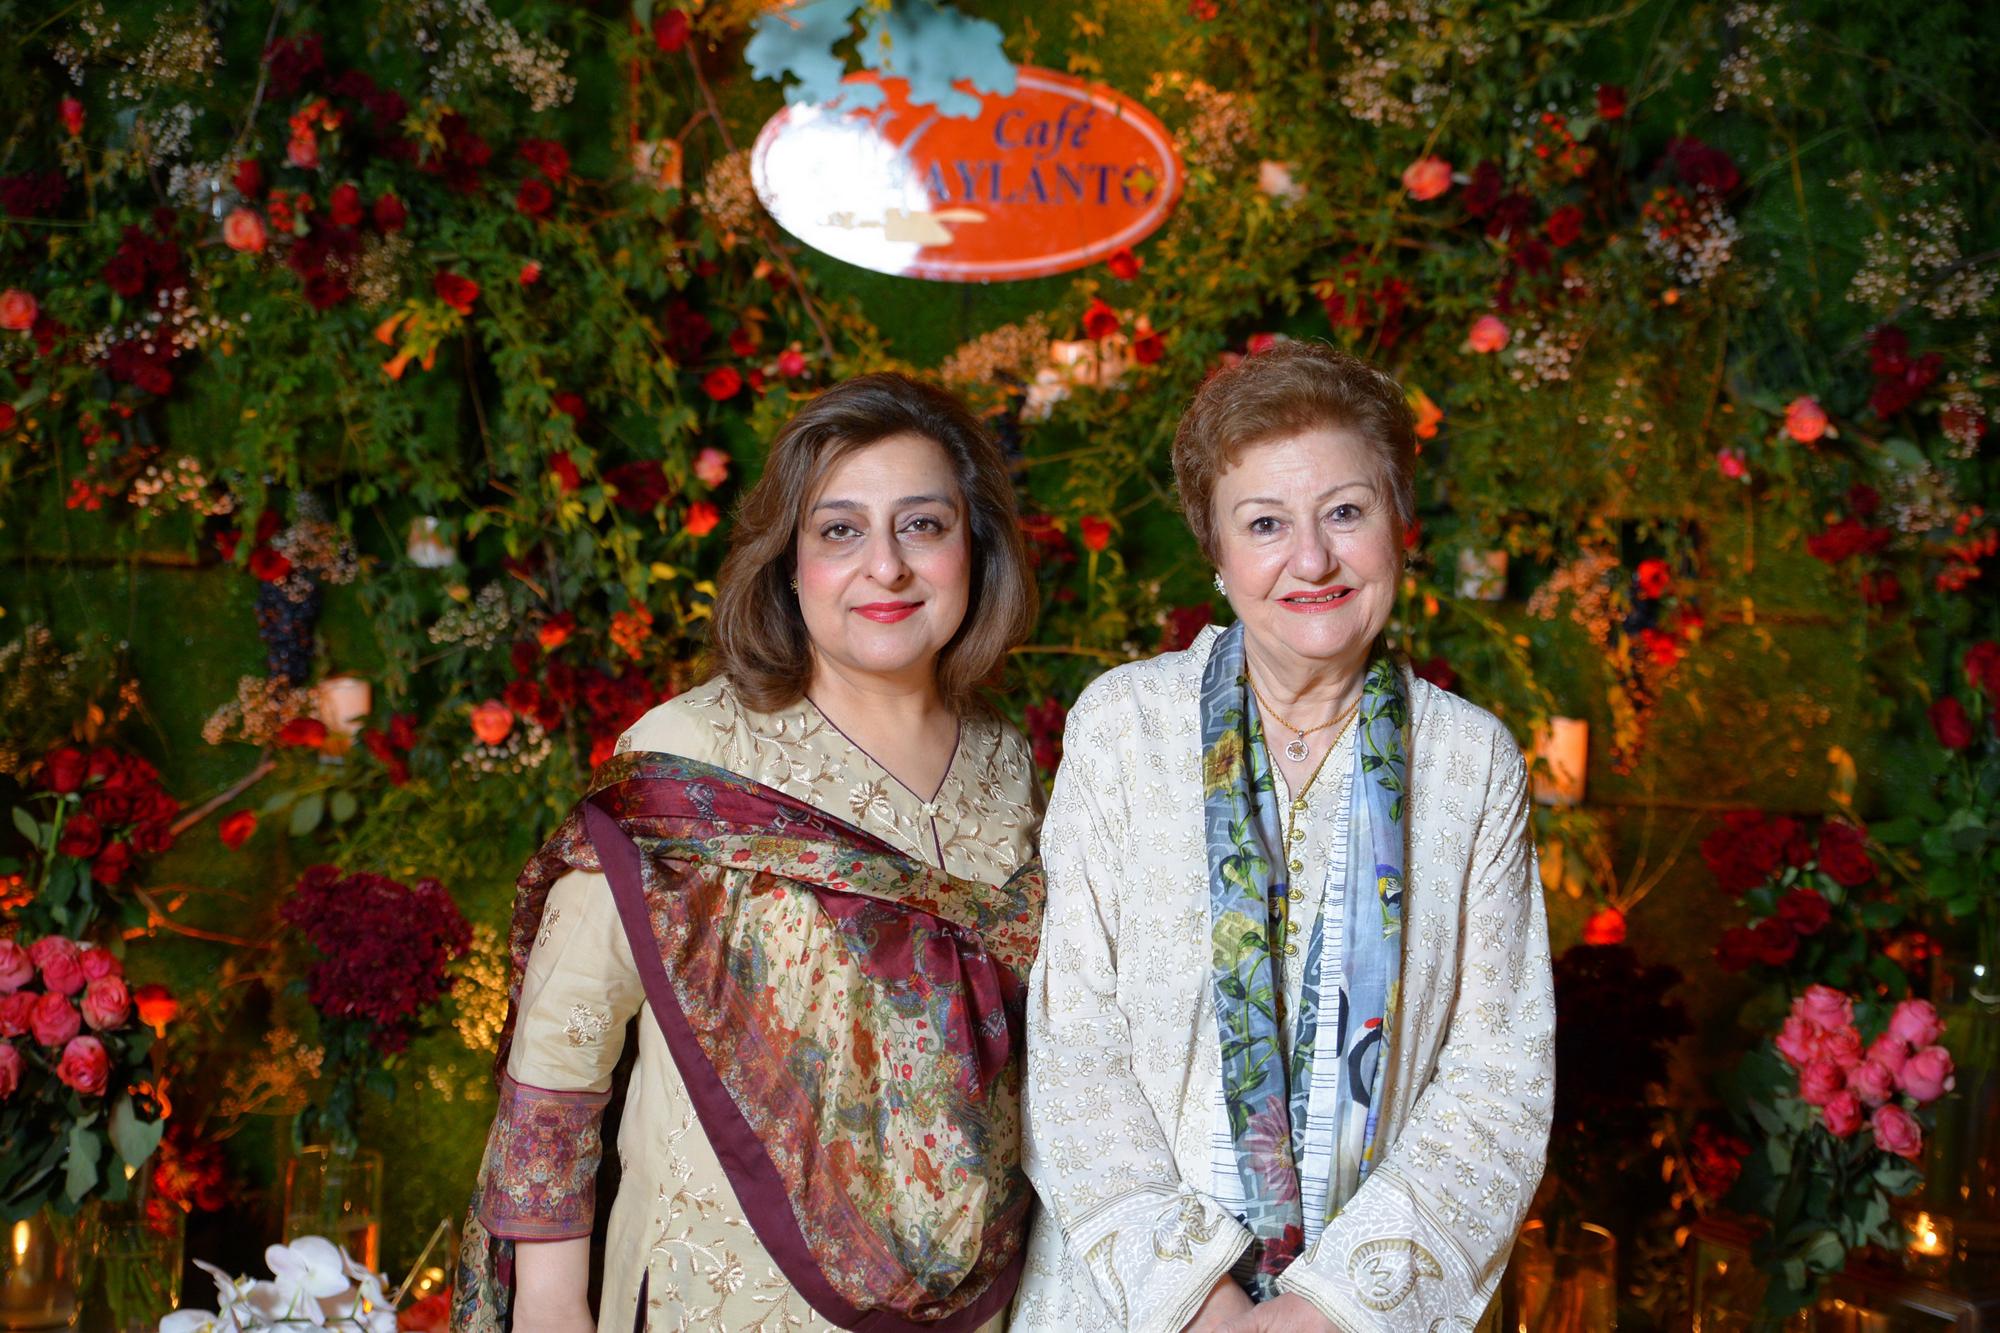 Najla and Aliya